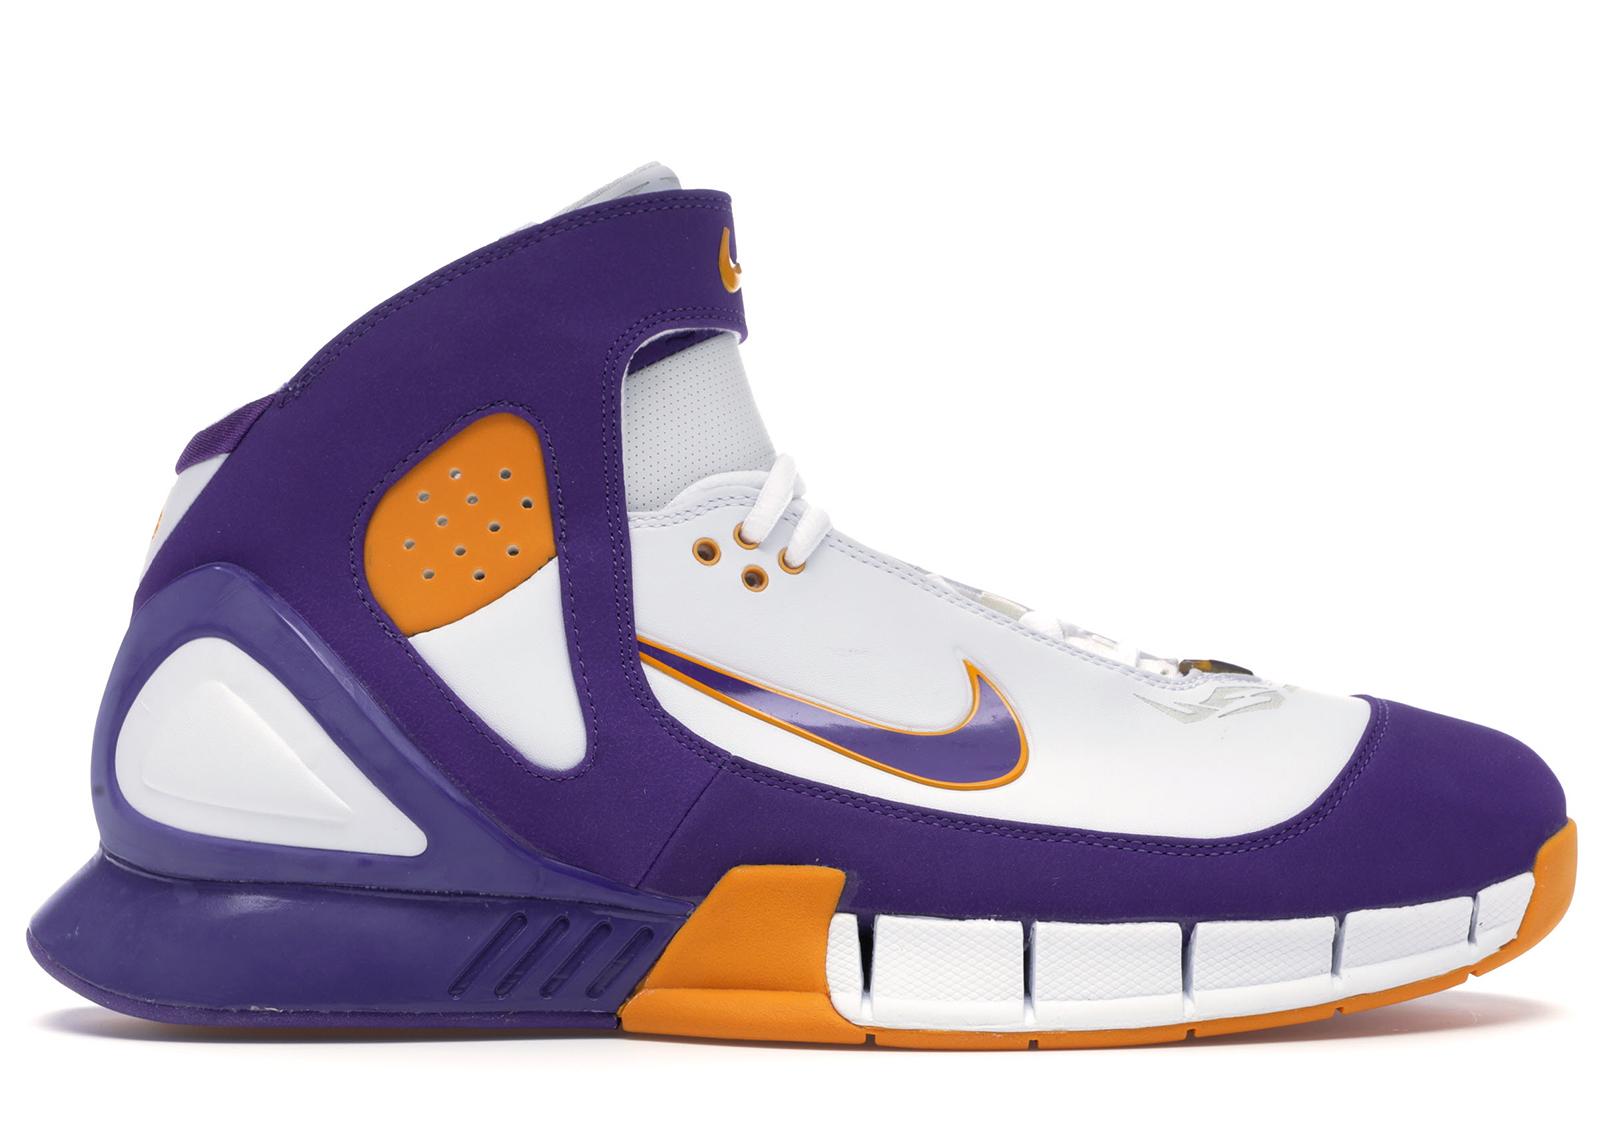 Nike Air Zoom Huarache 2K5 Lakers Home